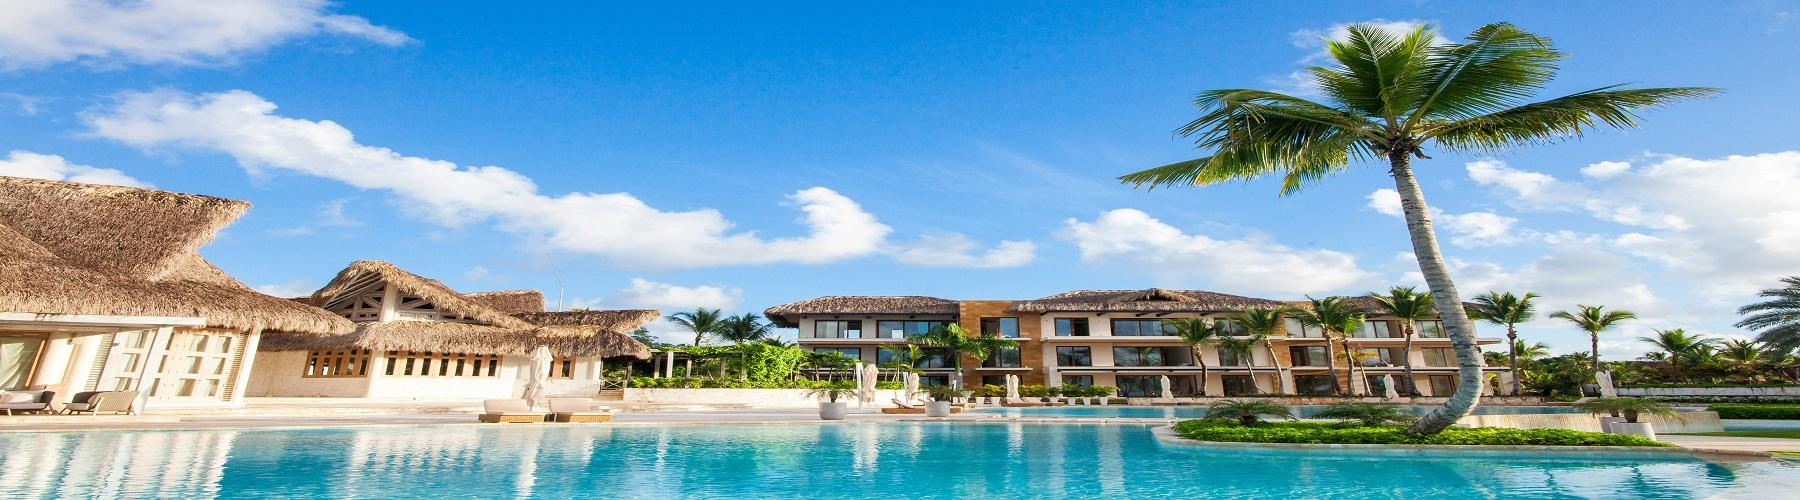 Отель Eden Roc at Cap Cana в Пунта Кане